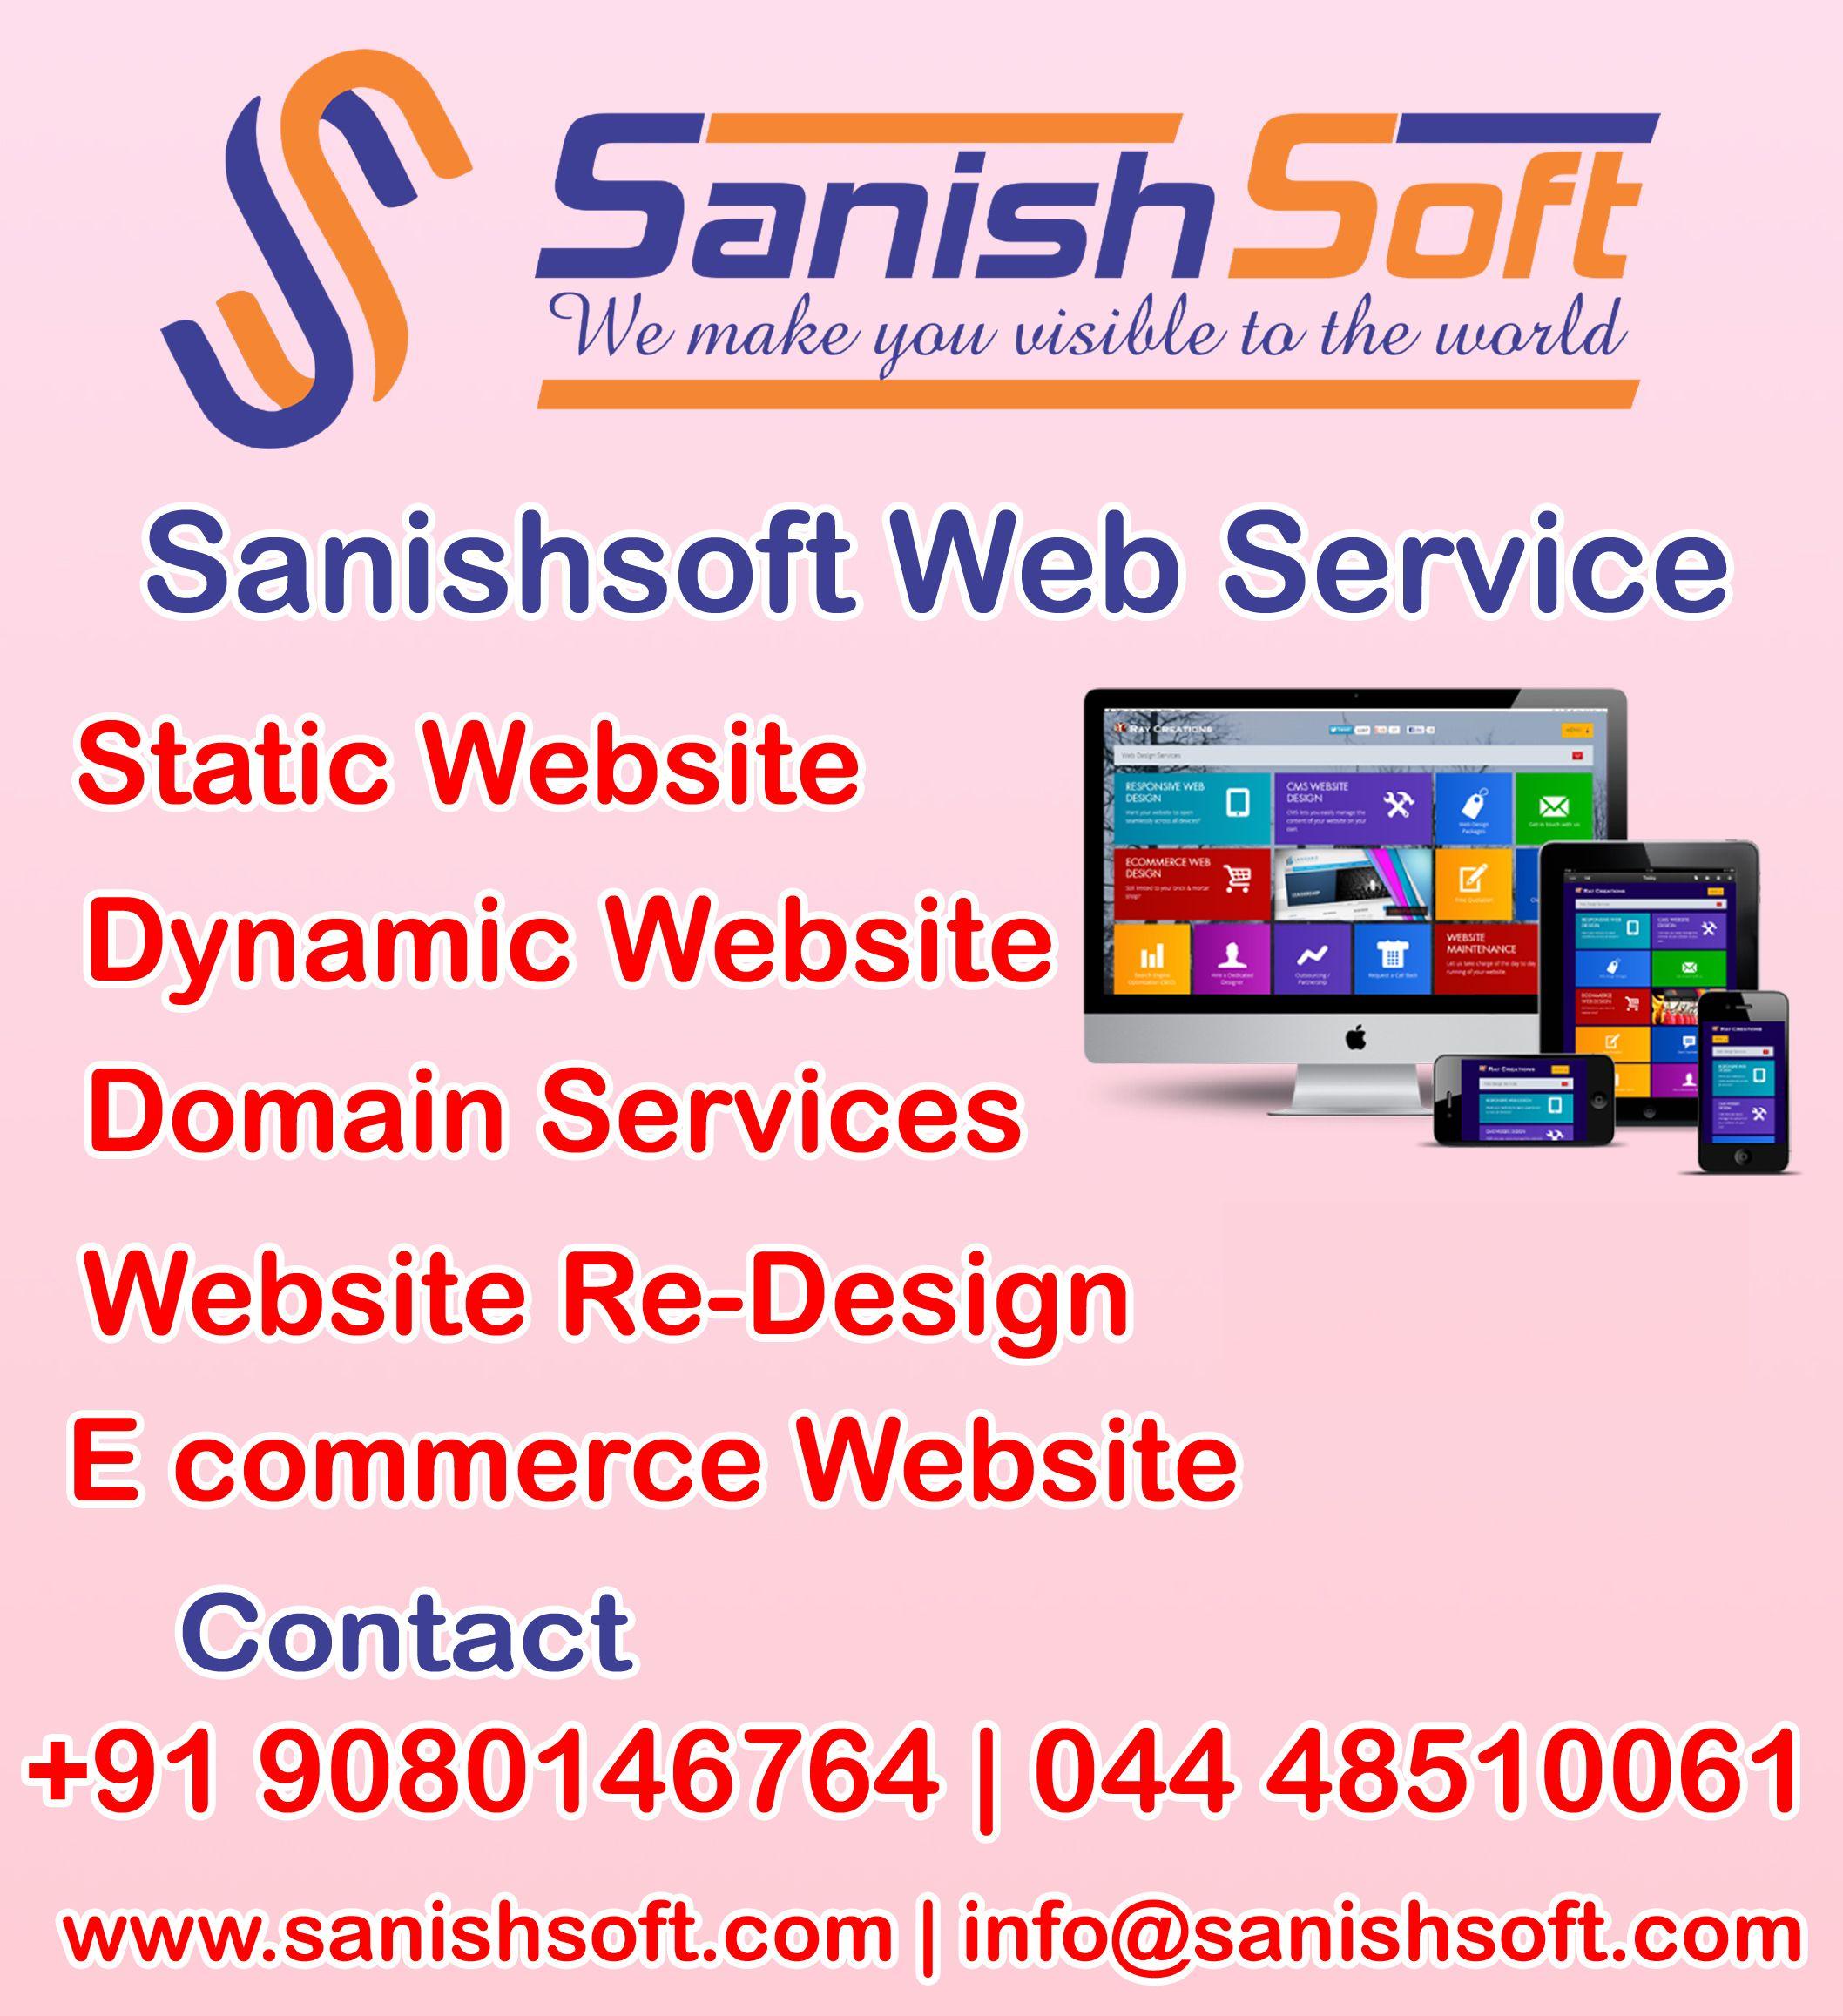 Sanishsoft Web Service Company In Chennai Website Design Company Web Development Company Web Design Company